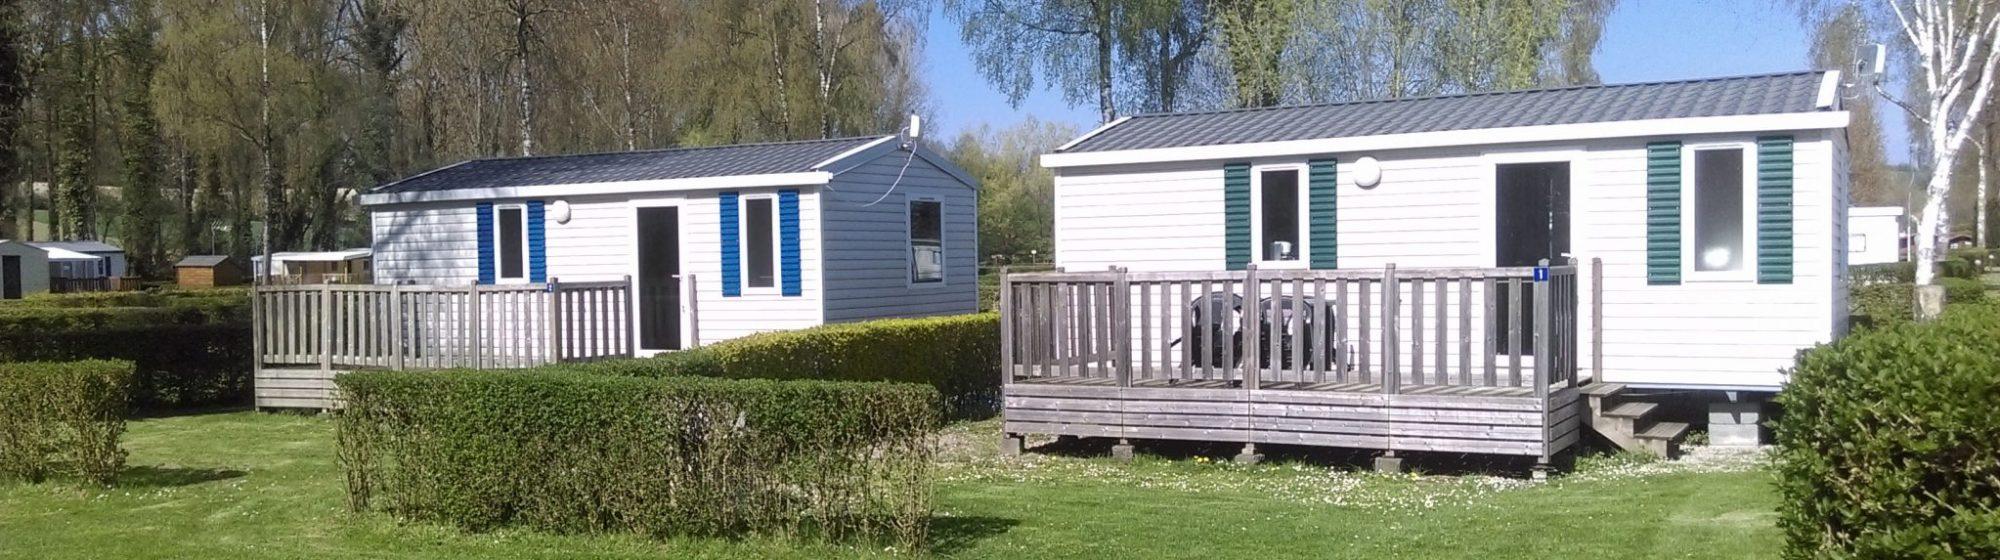 Location mobil-home dans un camping Pas de Calais